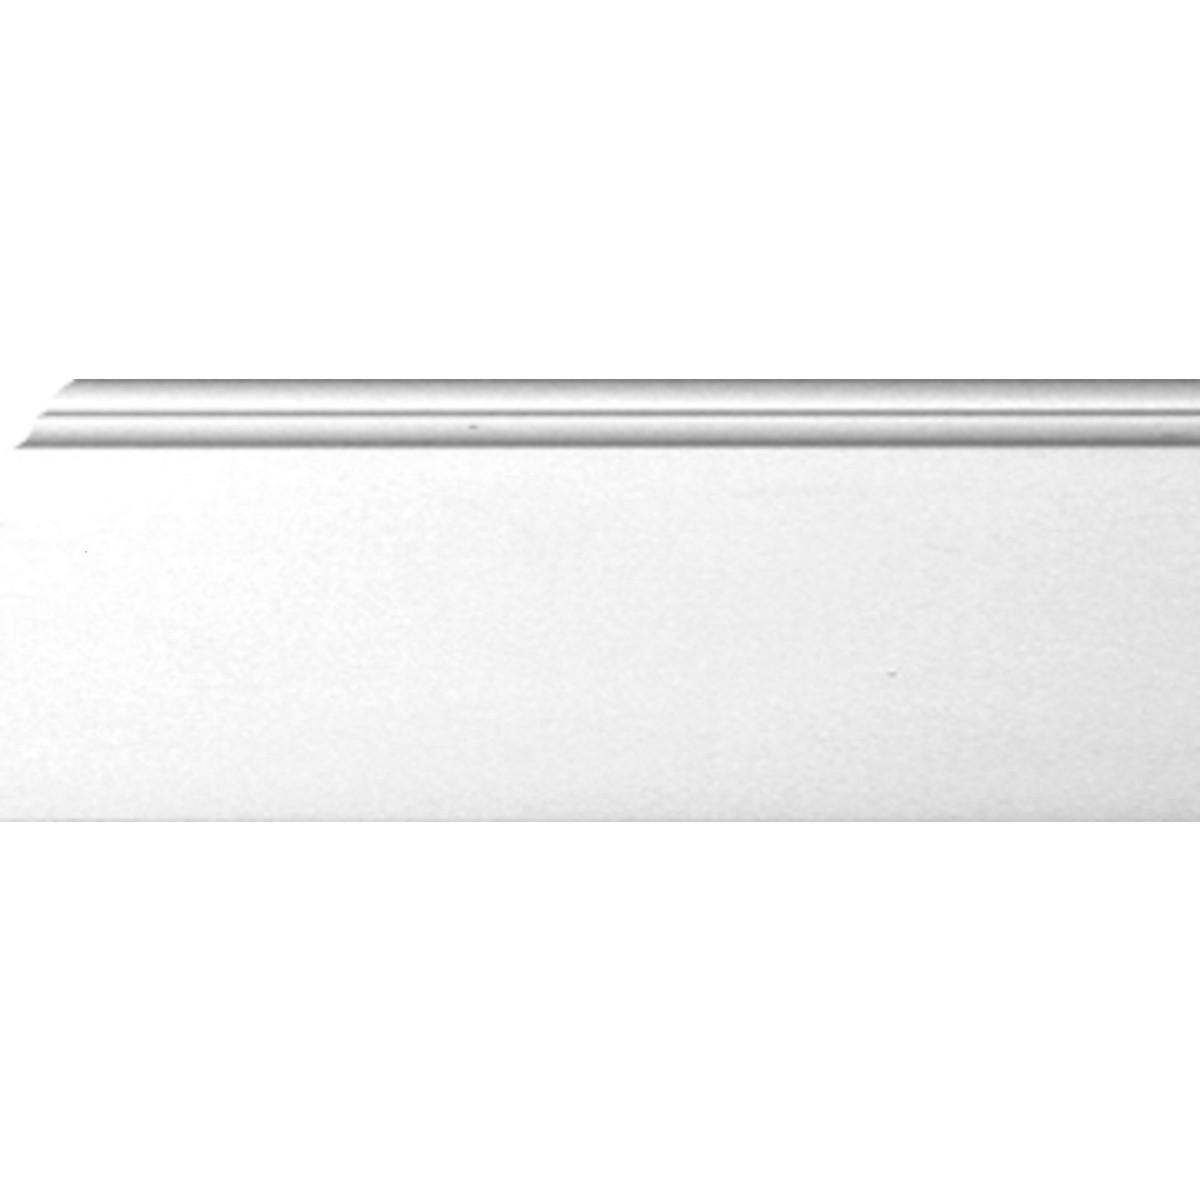 Плинтус напольный Decomaster Артпрофиль A025 1.5х200 см